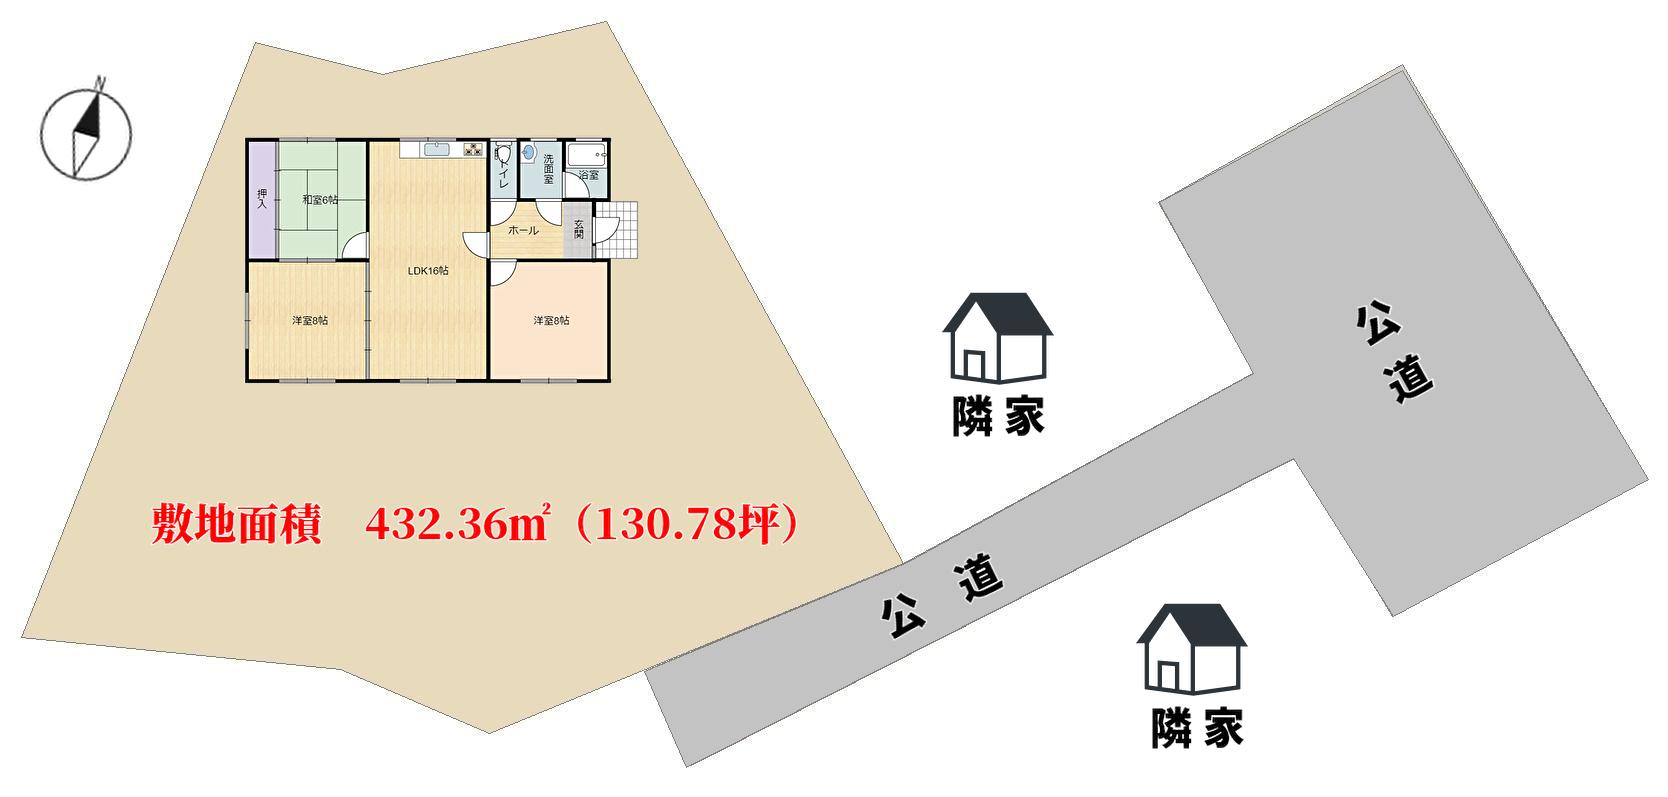 千葉県富津市六野の不動産、田舎暮らし向き物件、敷地概略図